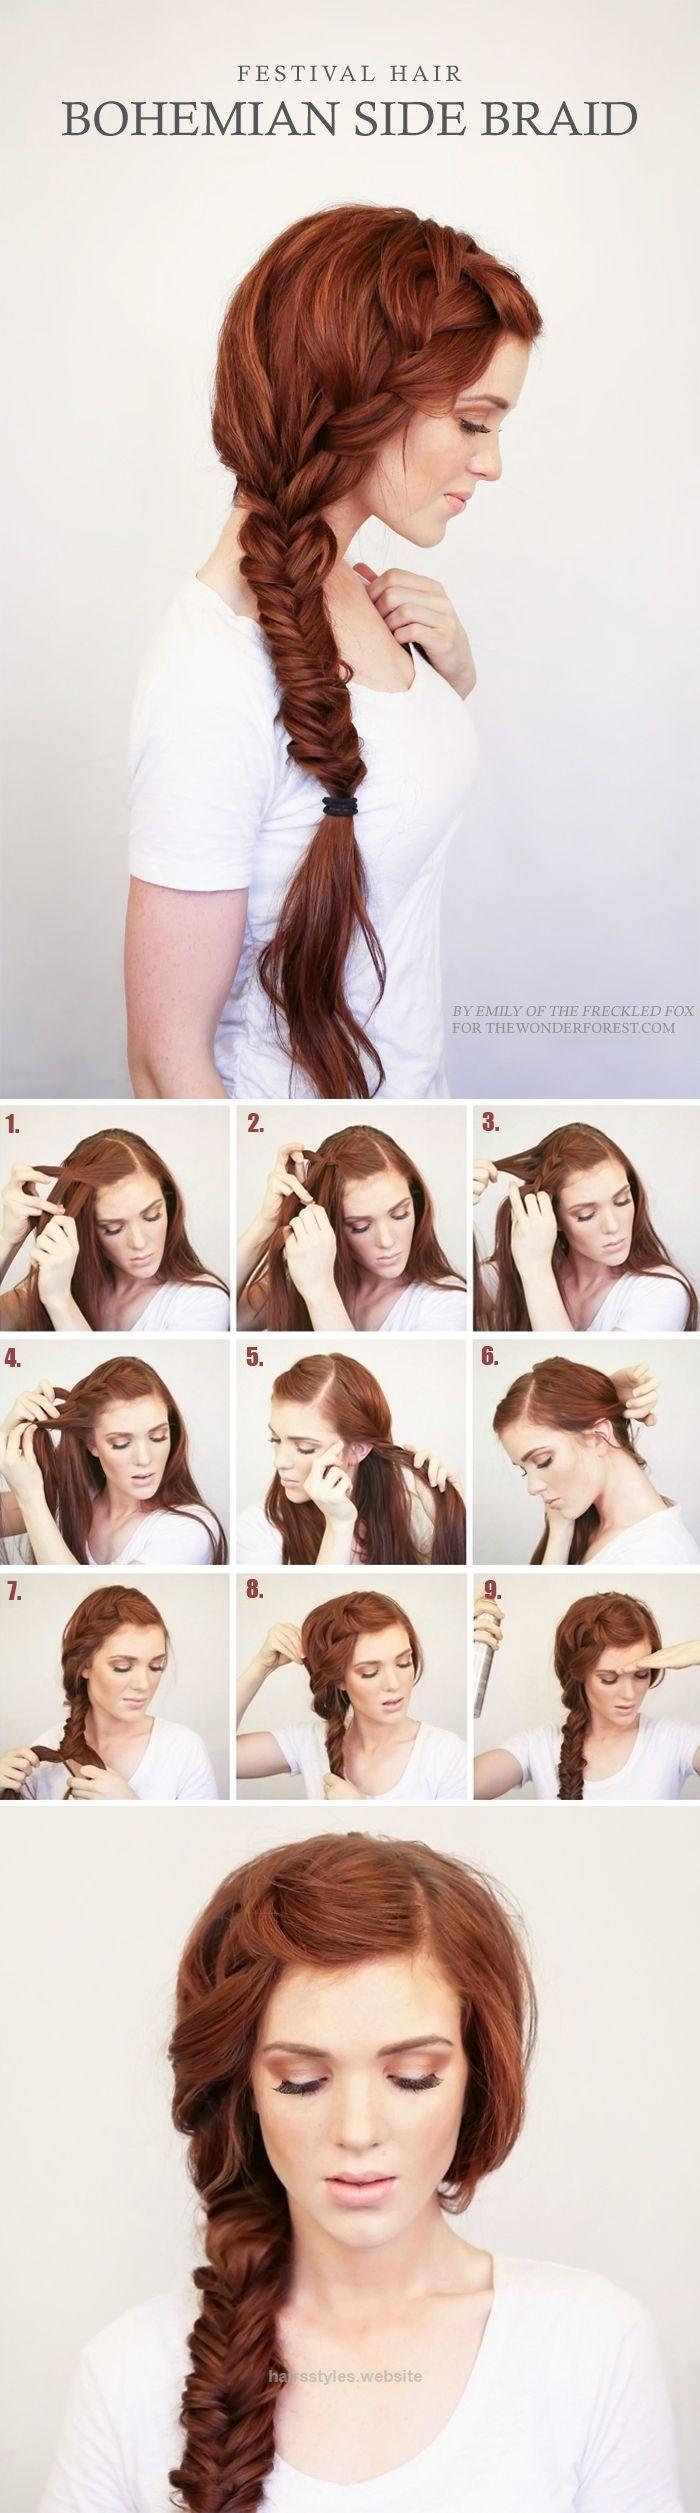 Splendid easy diy side braid boho bridal hairstyle idea  The post  easy diy side braid boho bridal hairstyle idea…  appeared first on  Haircuts and Hairstyles .